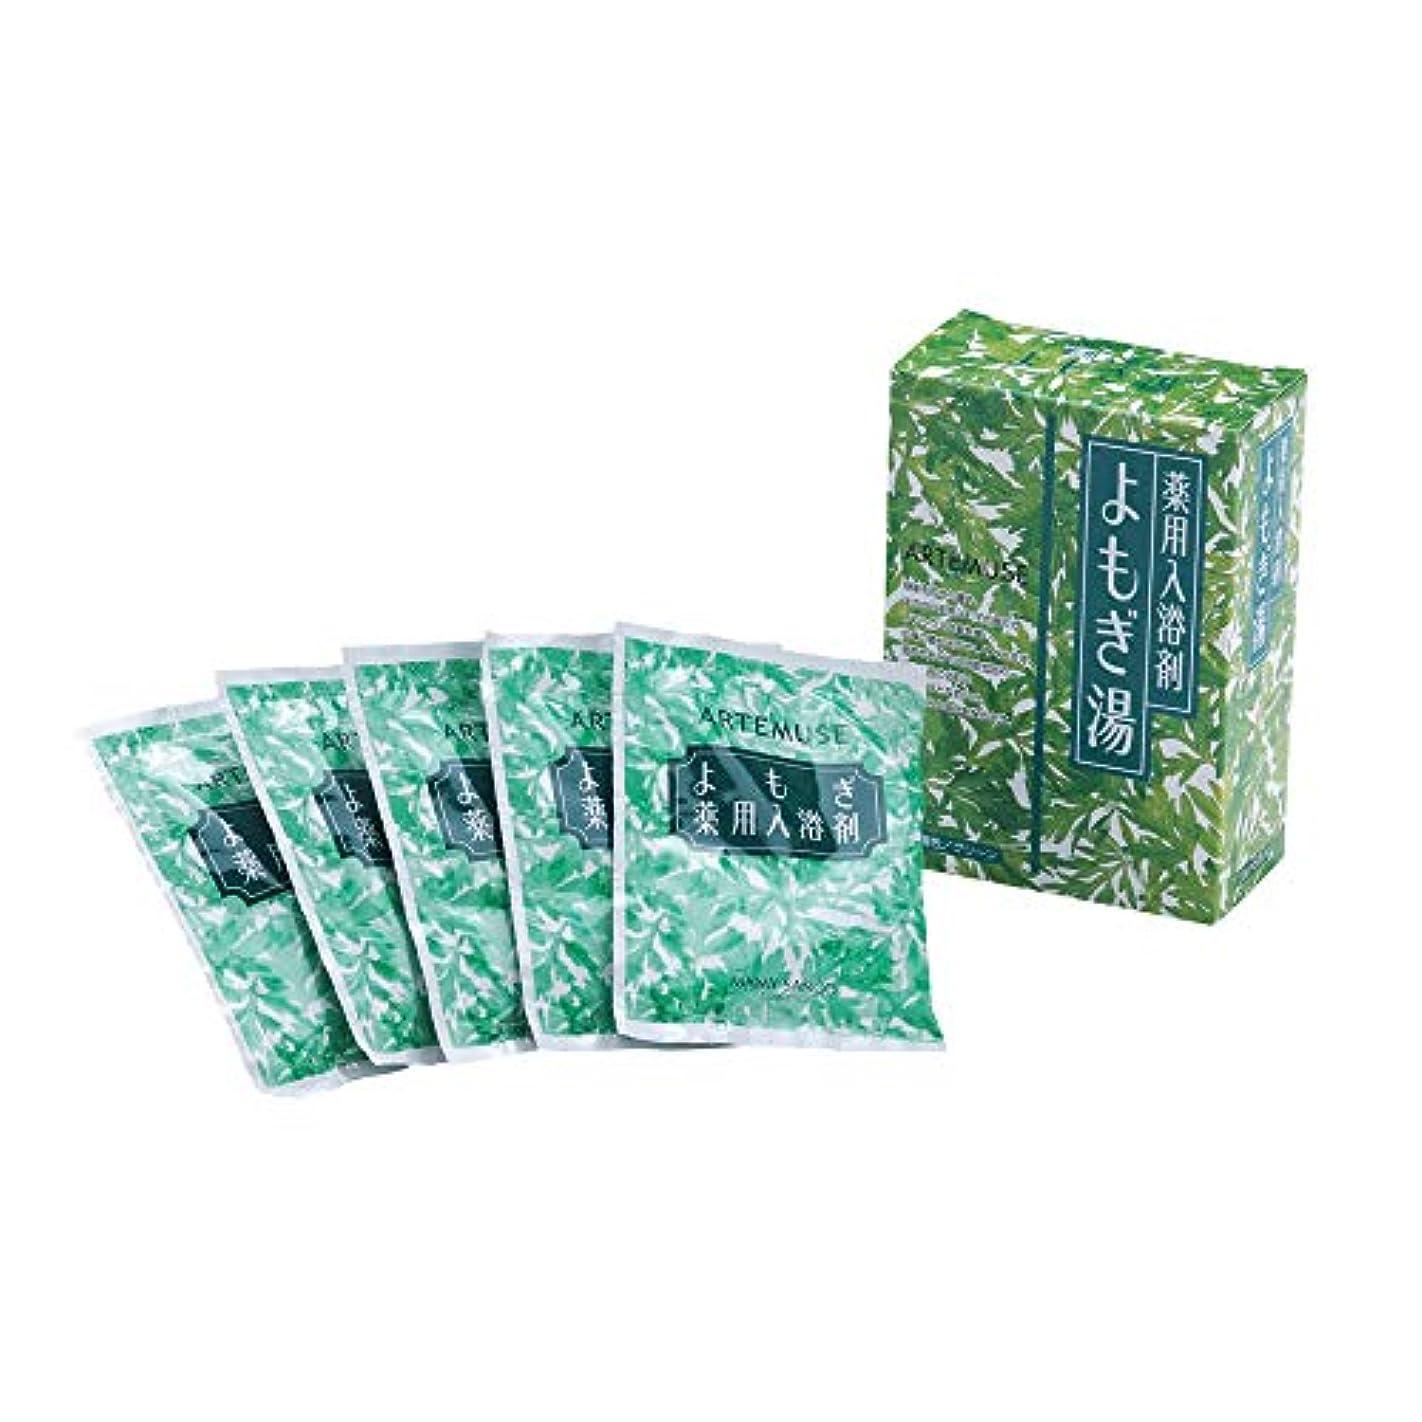 組み込むメタルライン若者マミーサンゴ よもぎ入浴剤 薬用バスソルトA [分包タイプ] 30g×5包入 (1箱)